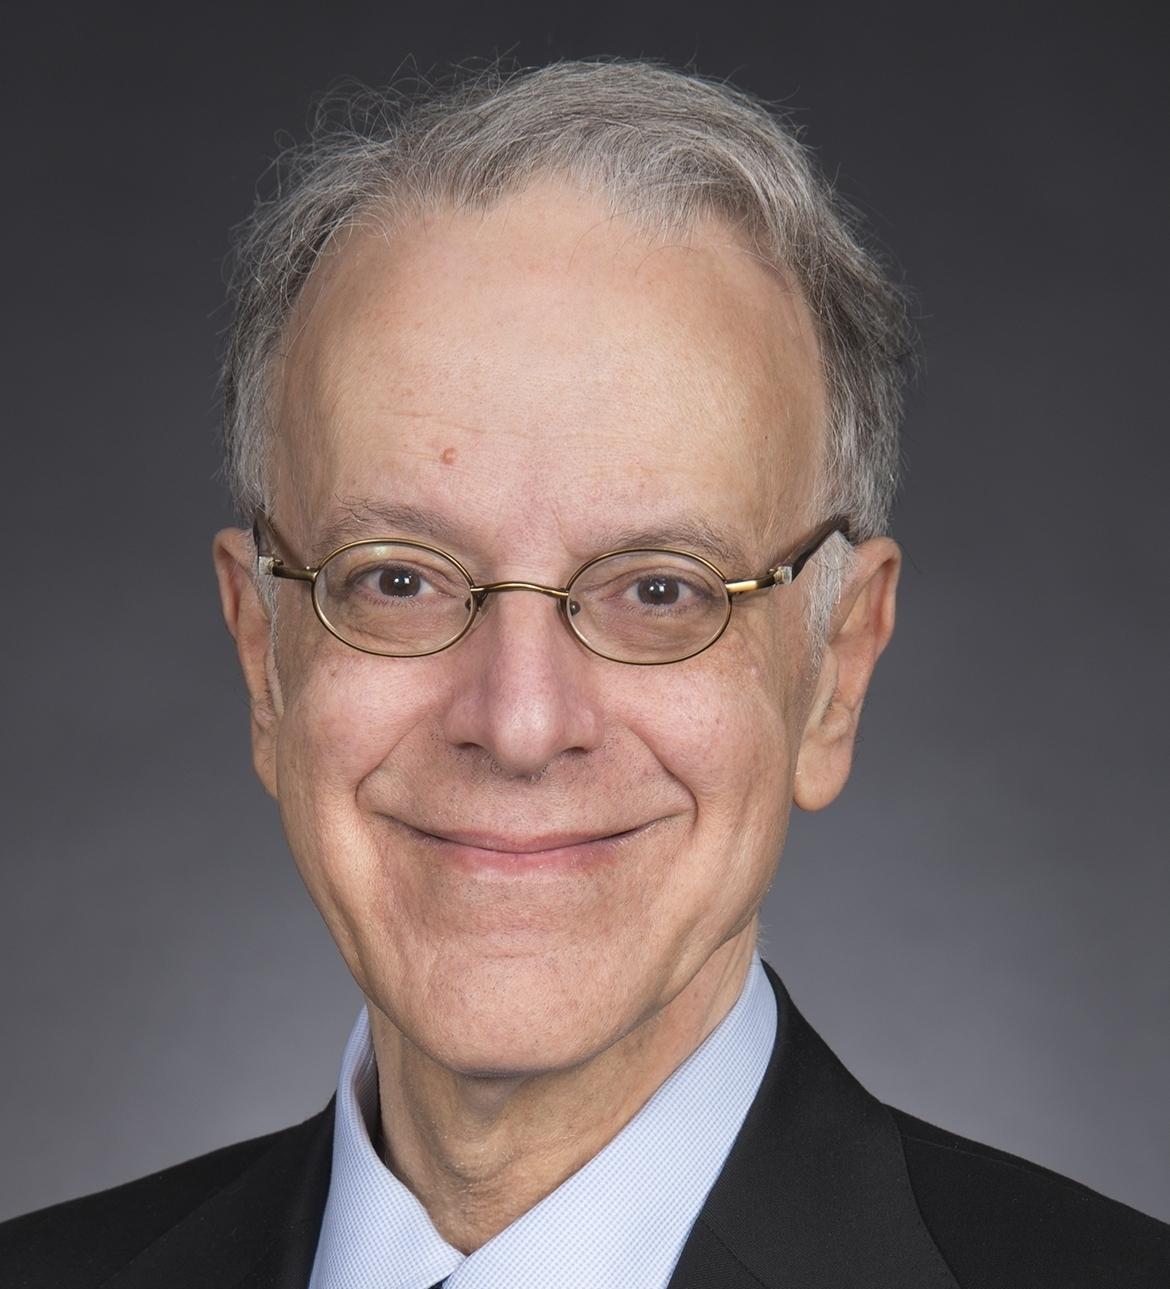 Copy of Milton Packer (Dallas, USA)